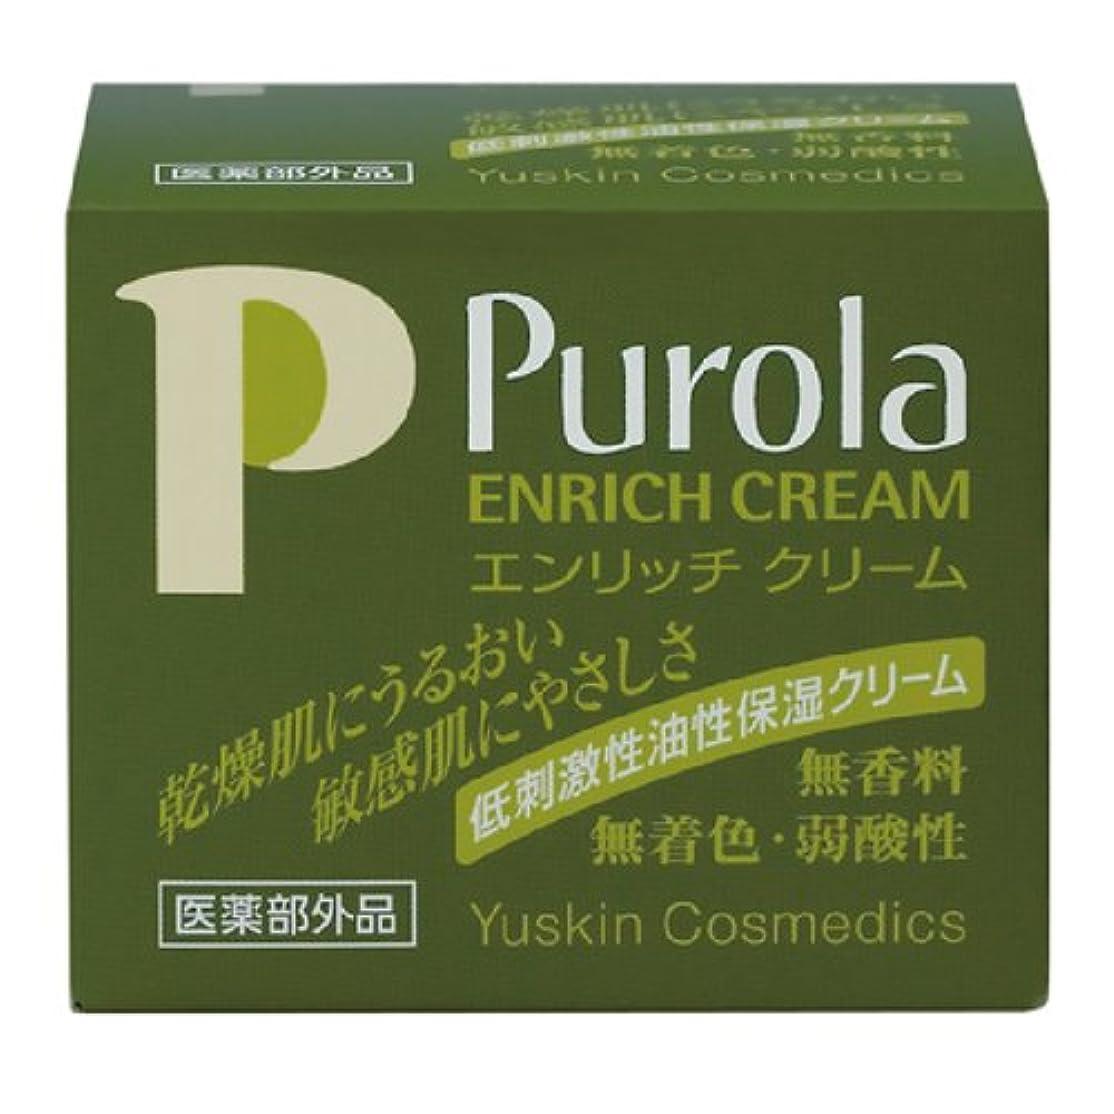 昇る慢性的イブニングプローラ 薬用エンリッチクリームa 67g